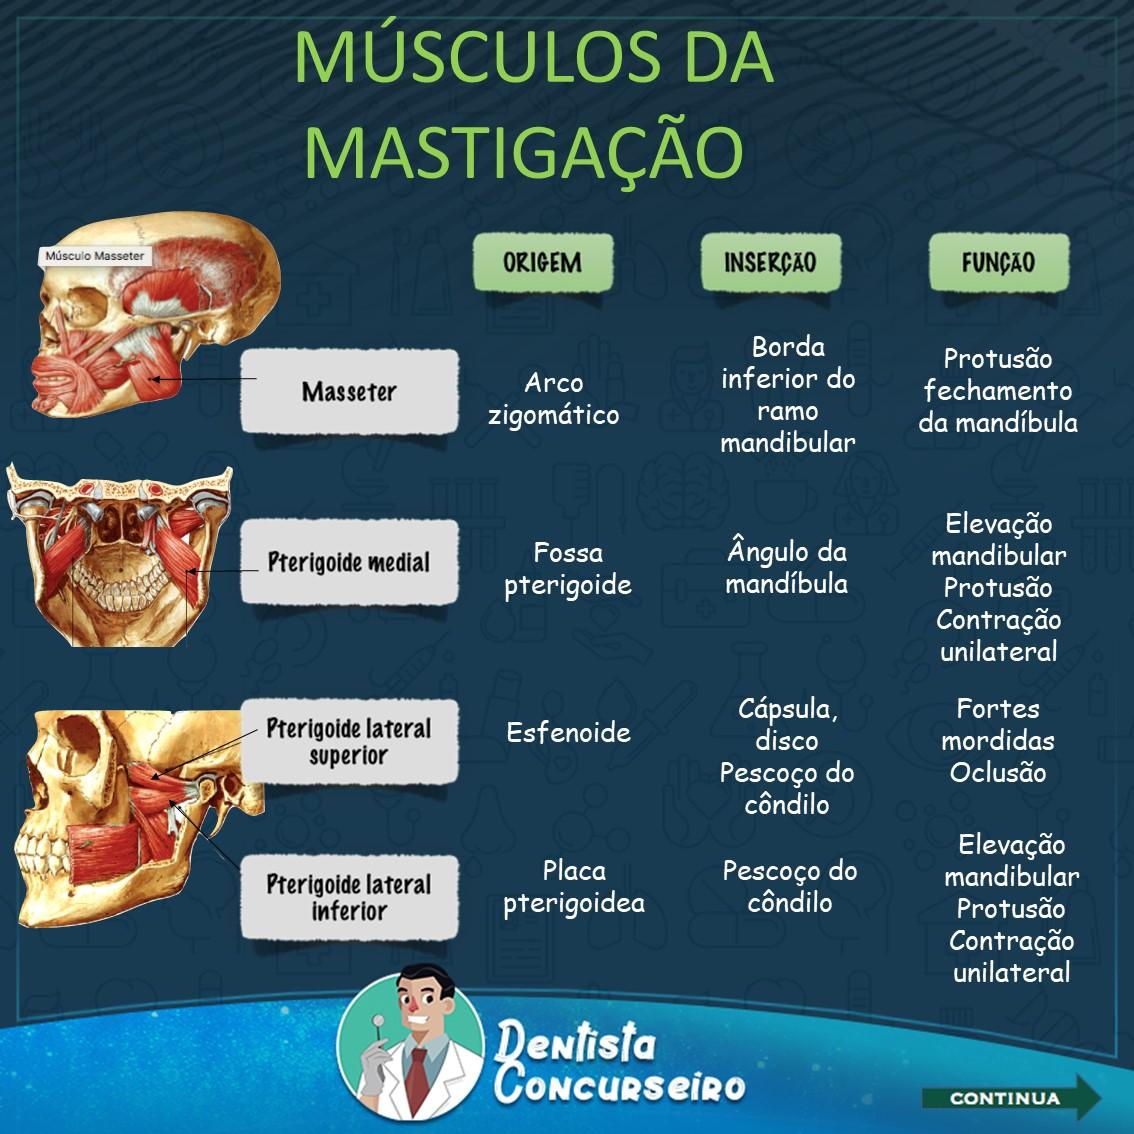 Resumos dos Músculos da Mastigação | Odontologia